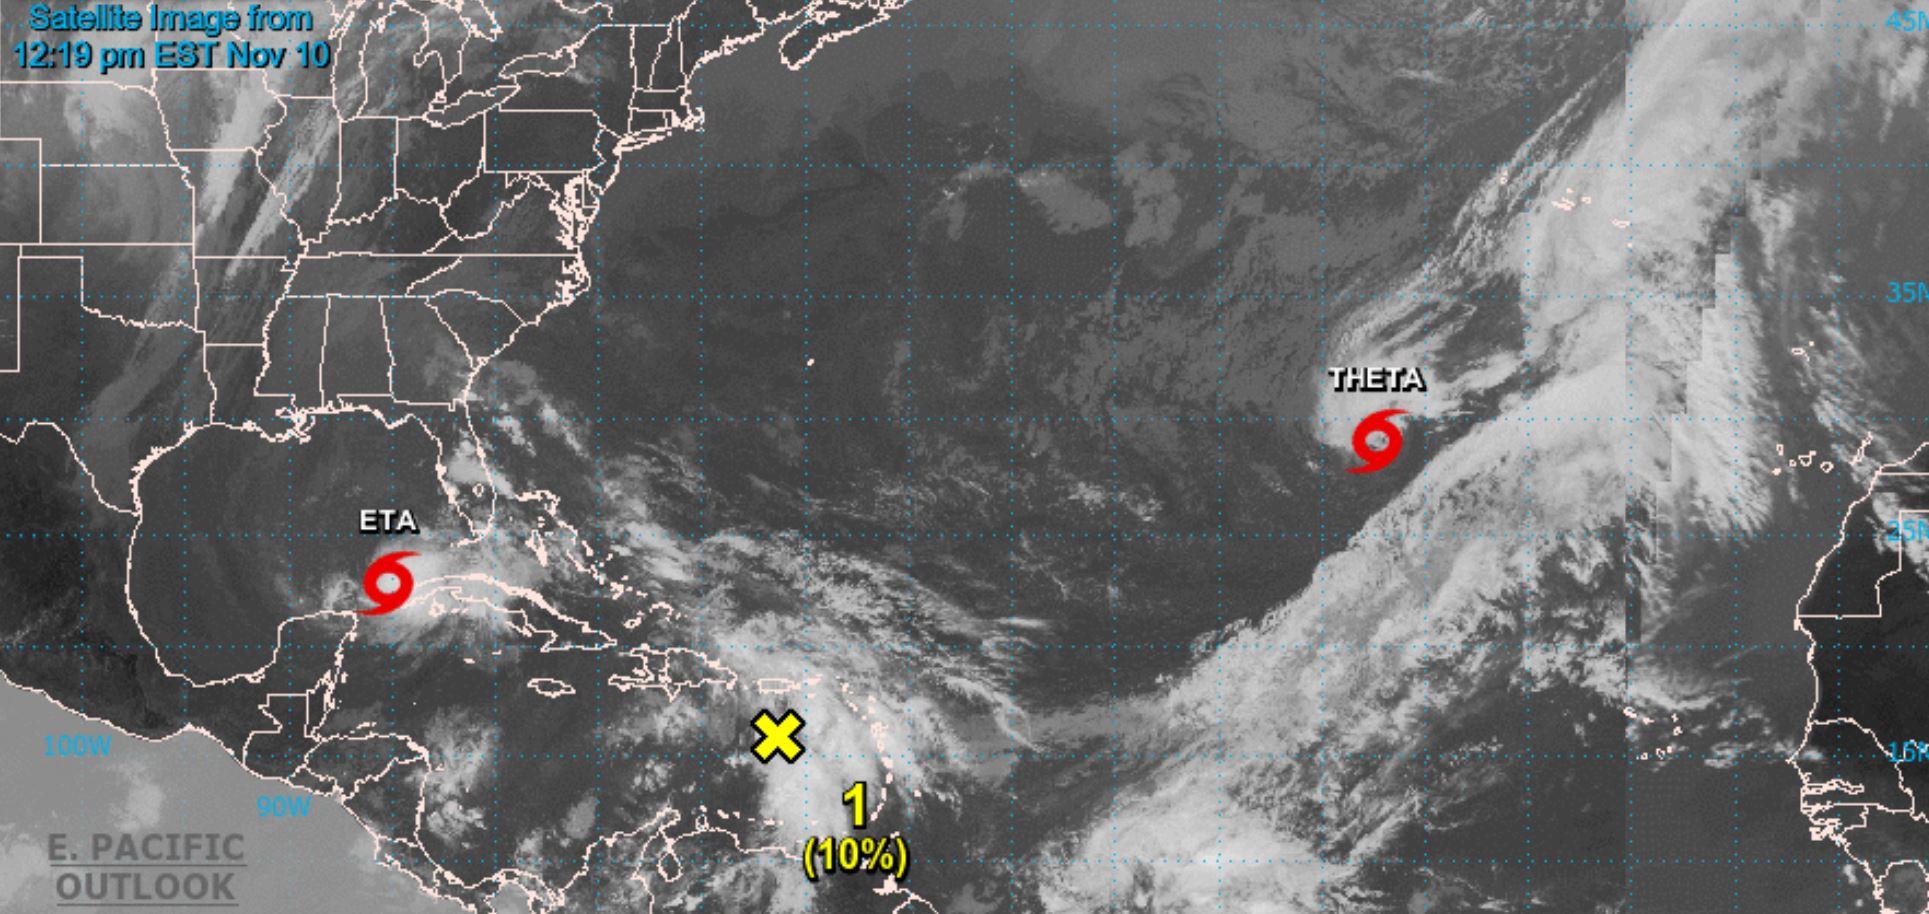 La tempête tropicale Theta s'est formée dans l'Atlantique Est lundi (9 novembre).  La tempête tropicale mortelle Eta (anciennement un ouragan) est toujours active dans le golfe du Mexique.